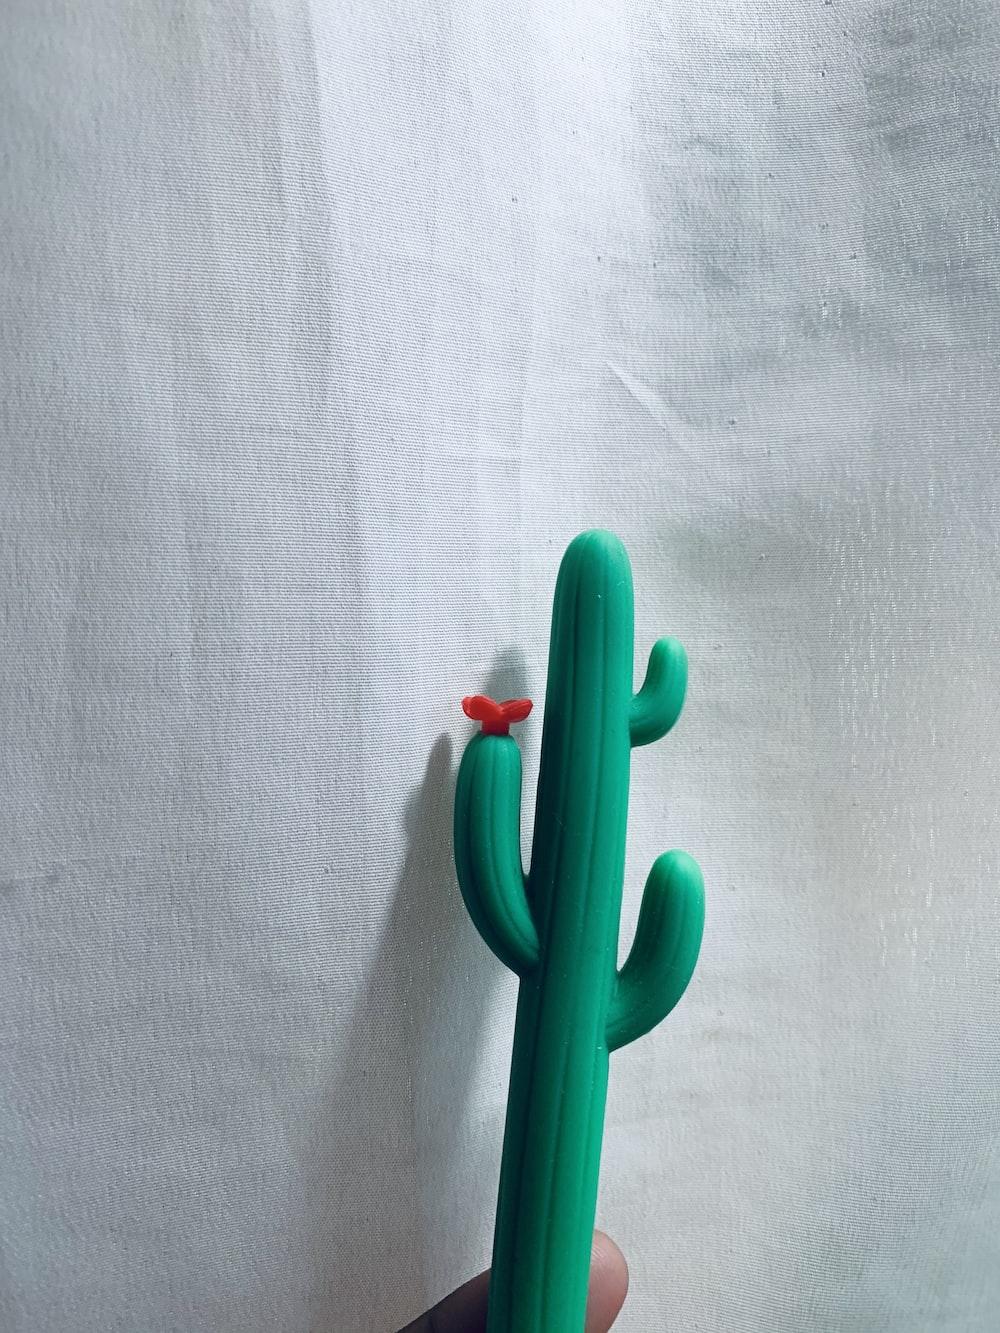 green plastic toy on white textile